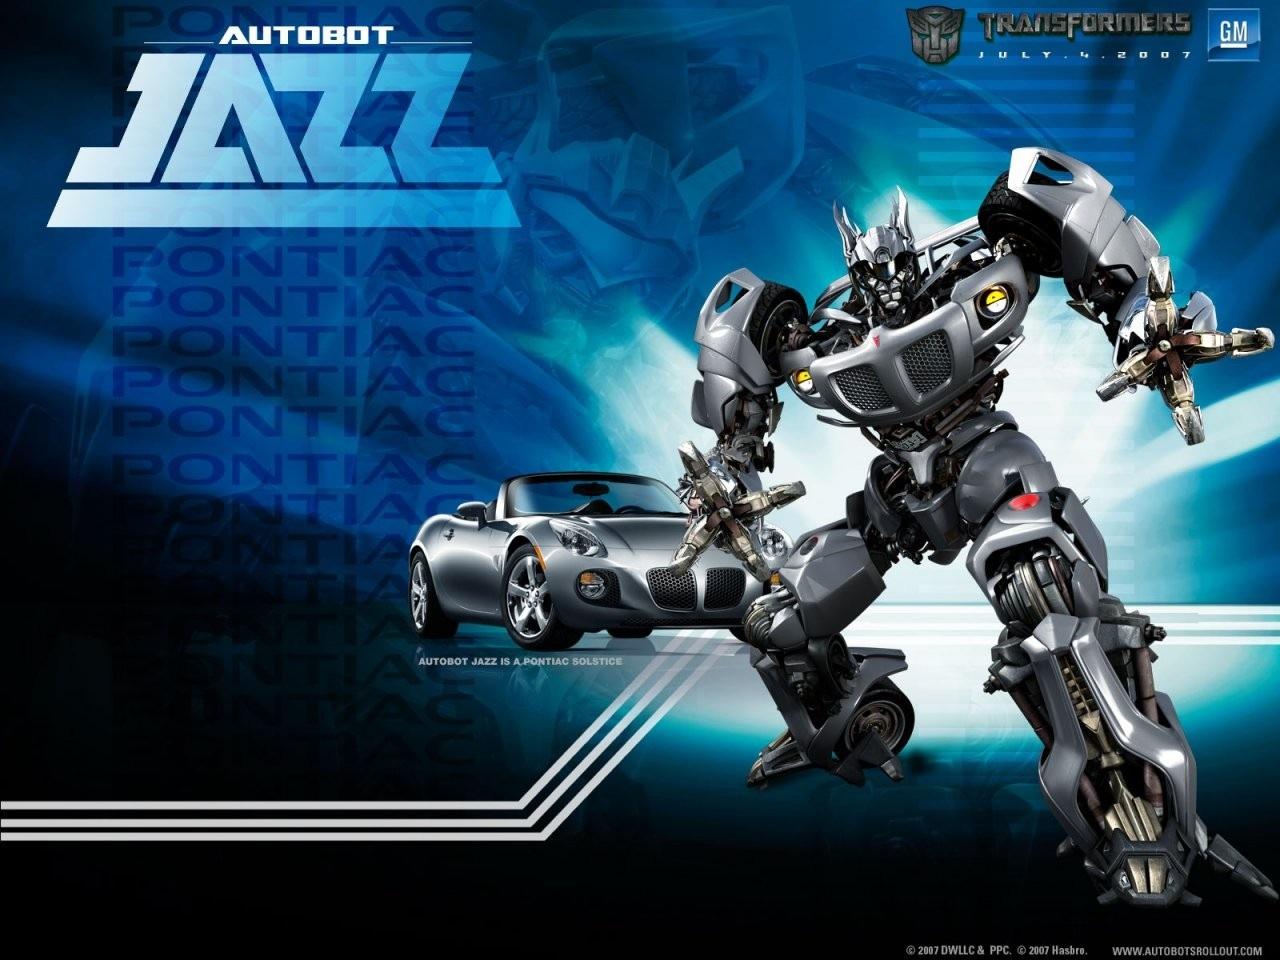 http://3.bp.blogspot.com/_7vkto5knRls/THEzvj8dyoI/AAAAAAAACr0/komKKxq9xVw/s1600/transformers2_jazz_wallpaper_3.jpg